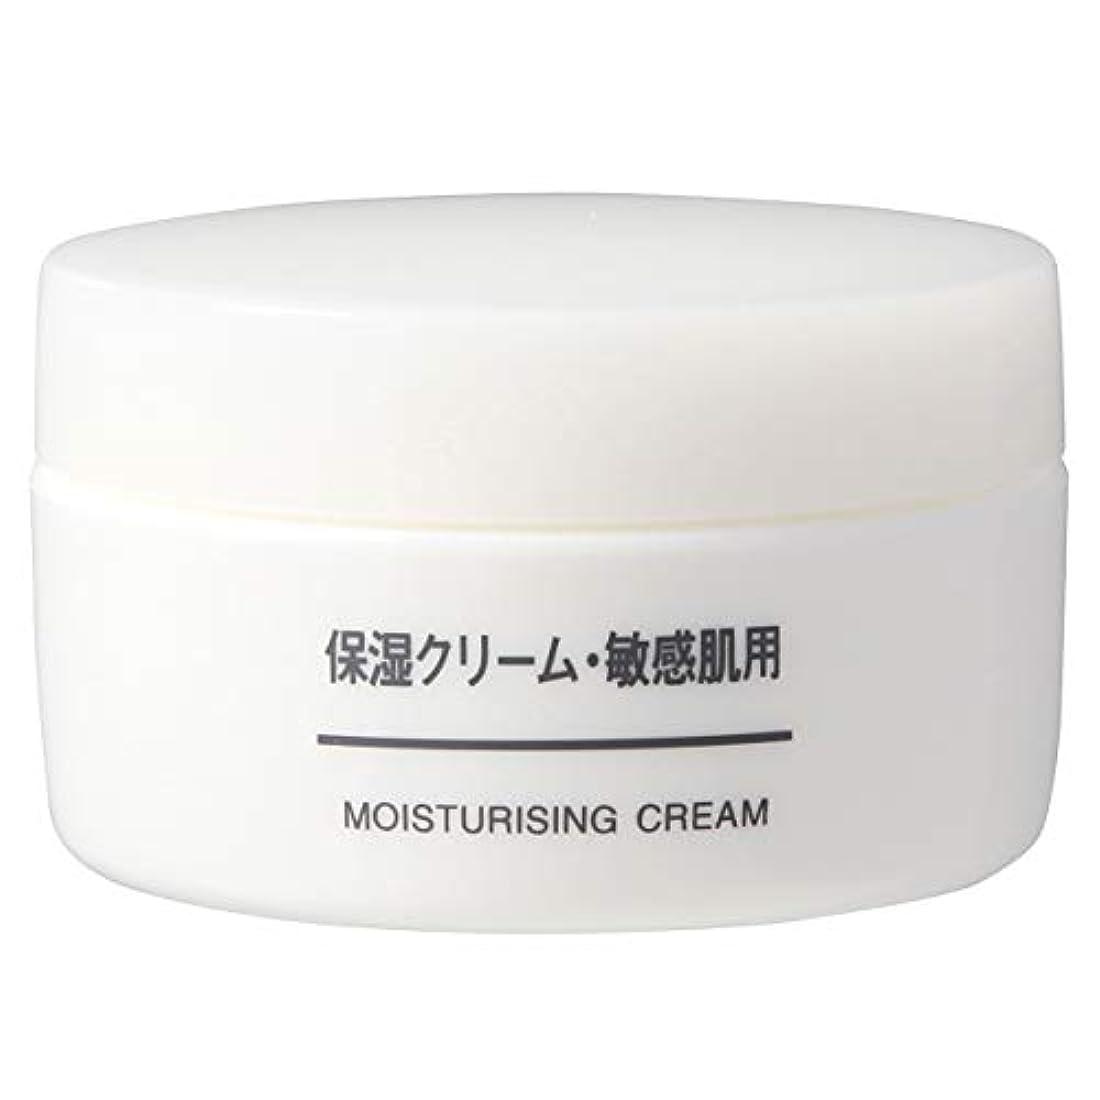 効果的に凍る開始無印良品 保湿クリーム 敏感肌用 50g